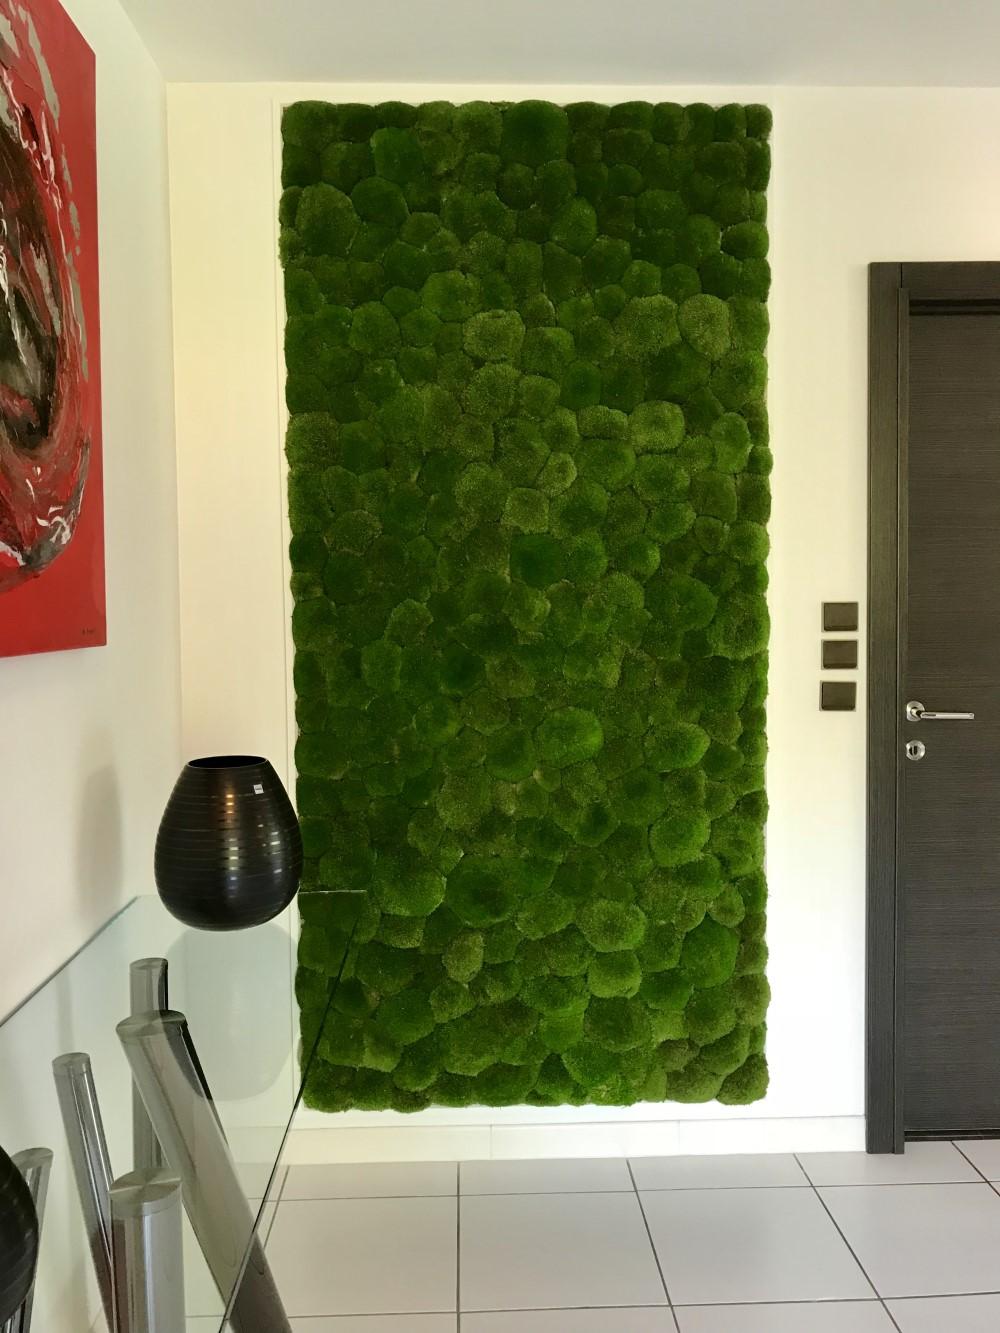 Die Grüne Wand Stabilisierte Schaumkugel Die Die Grüne Wand Malt